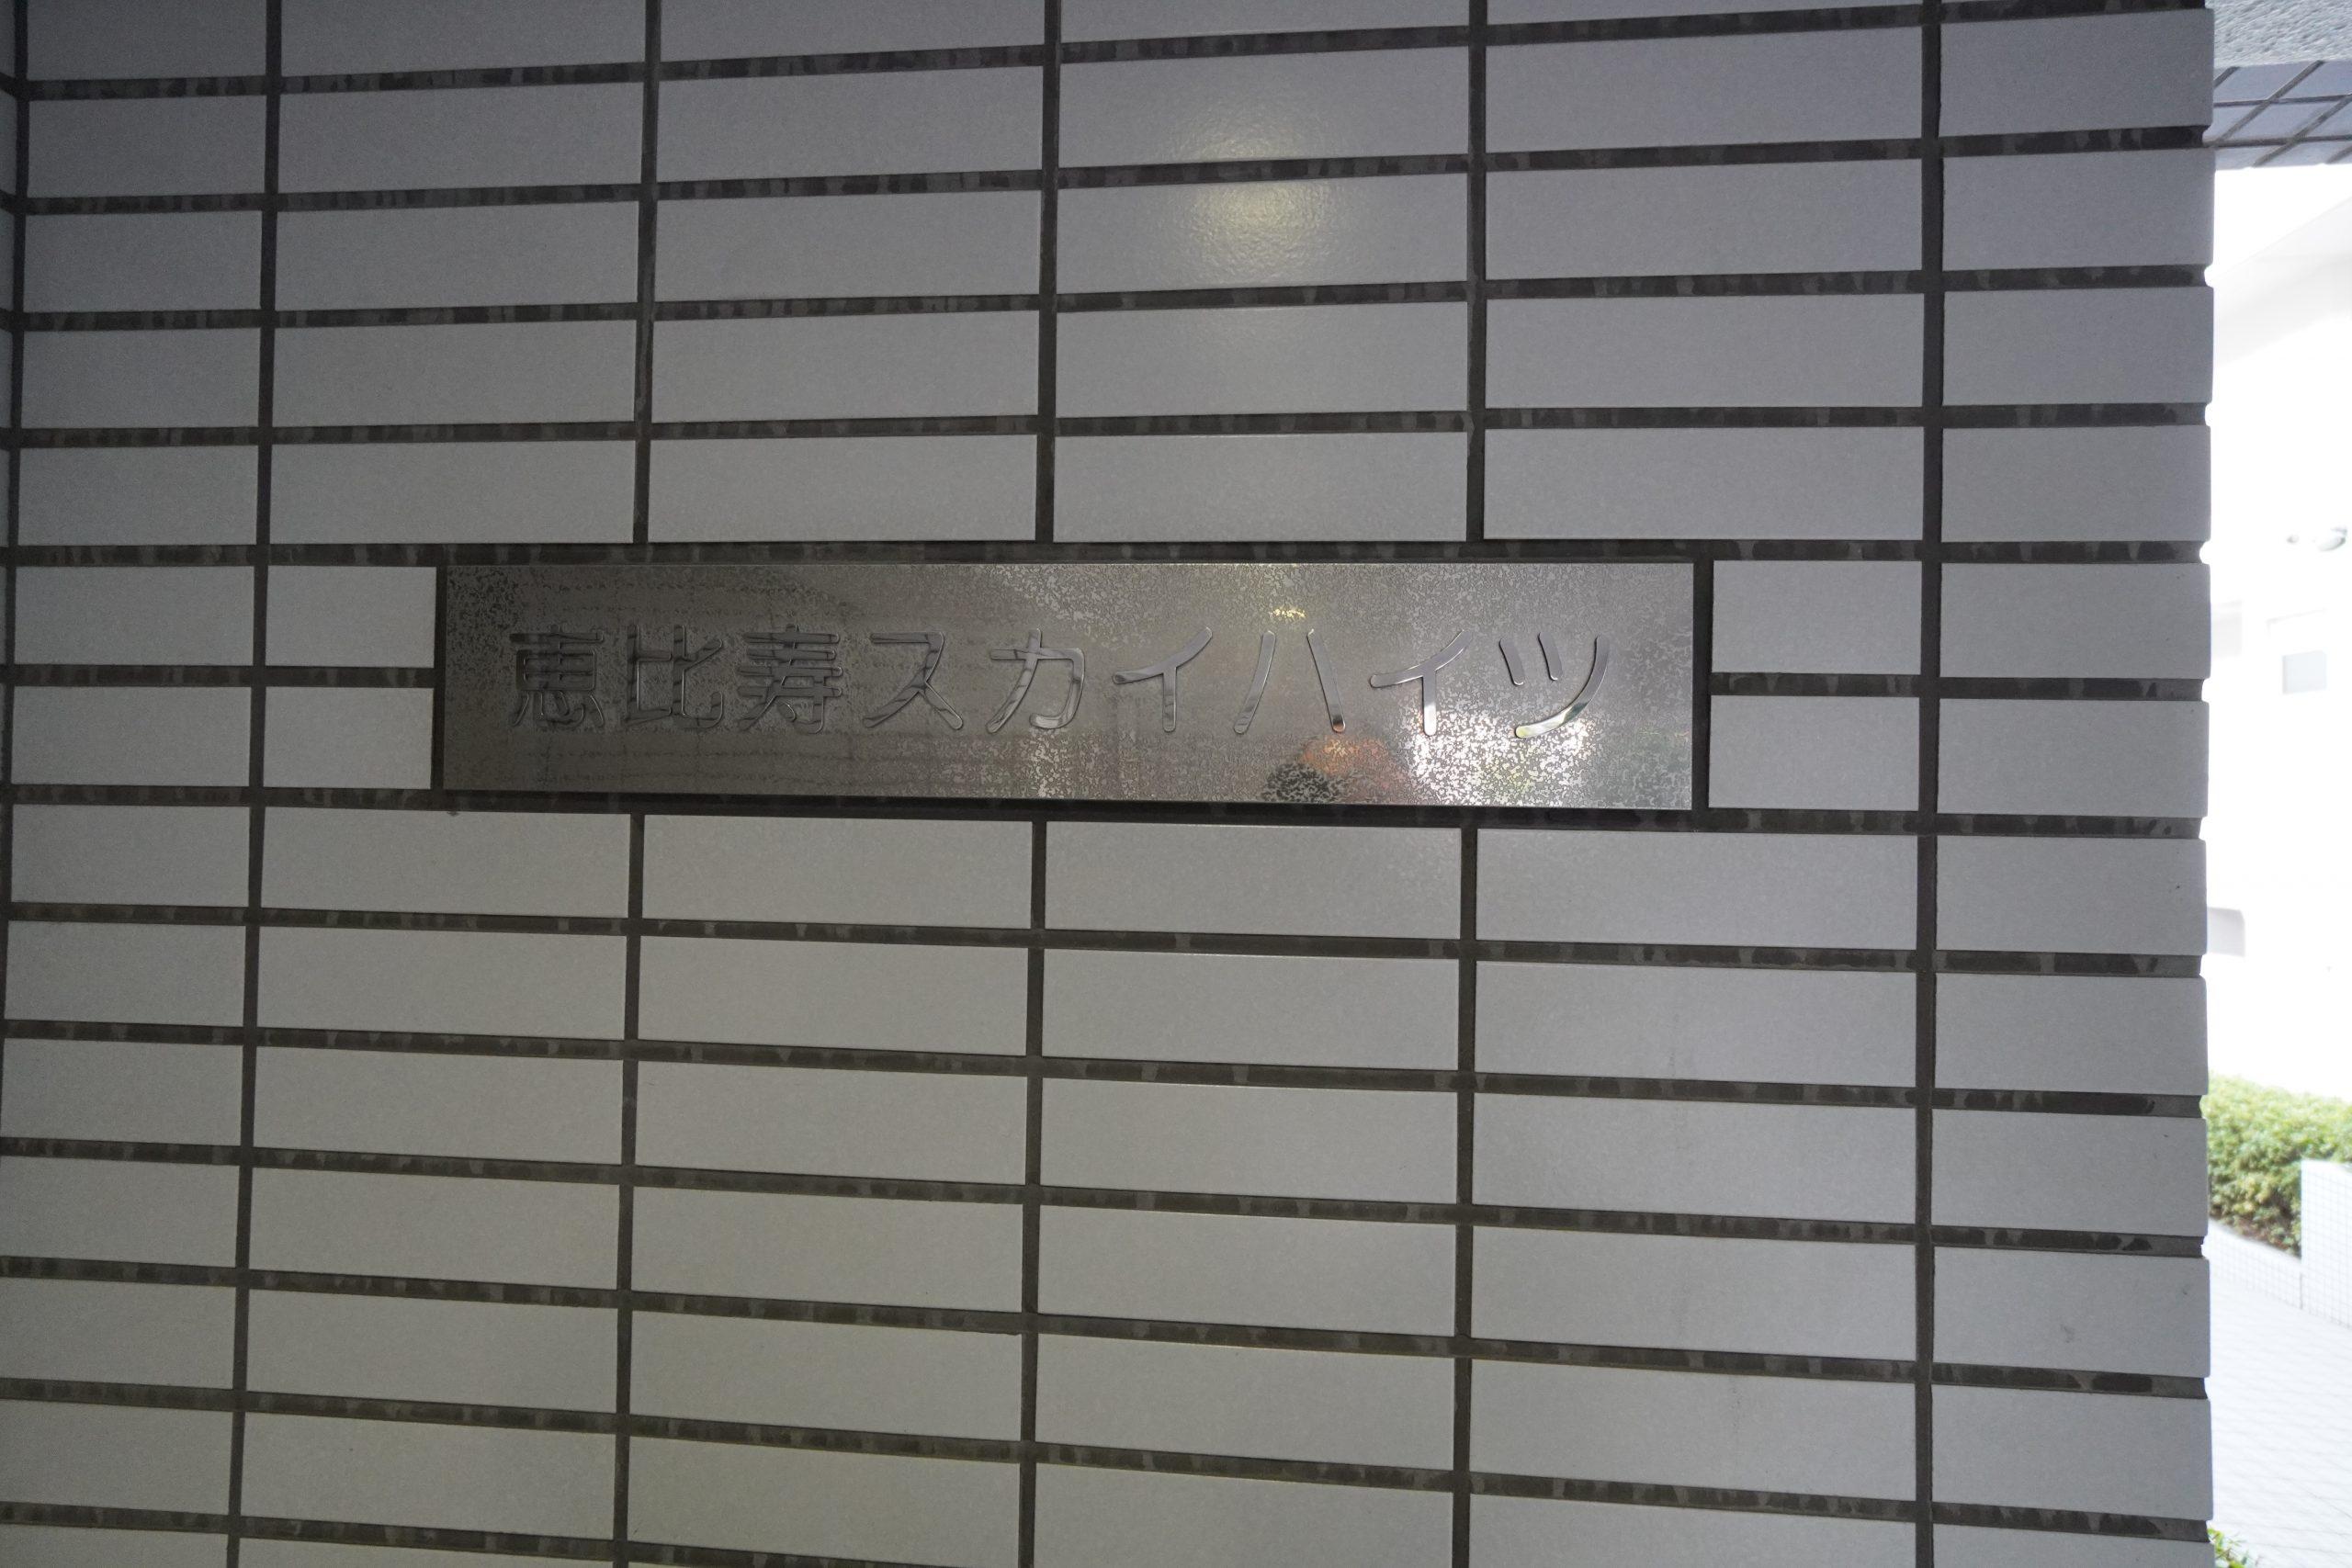 恵比寿スカイハイツ 413号室の写真11